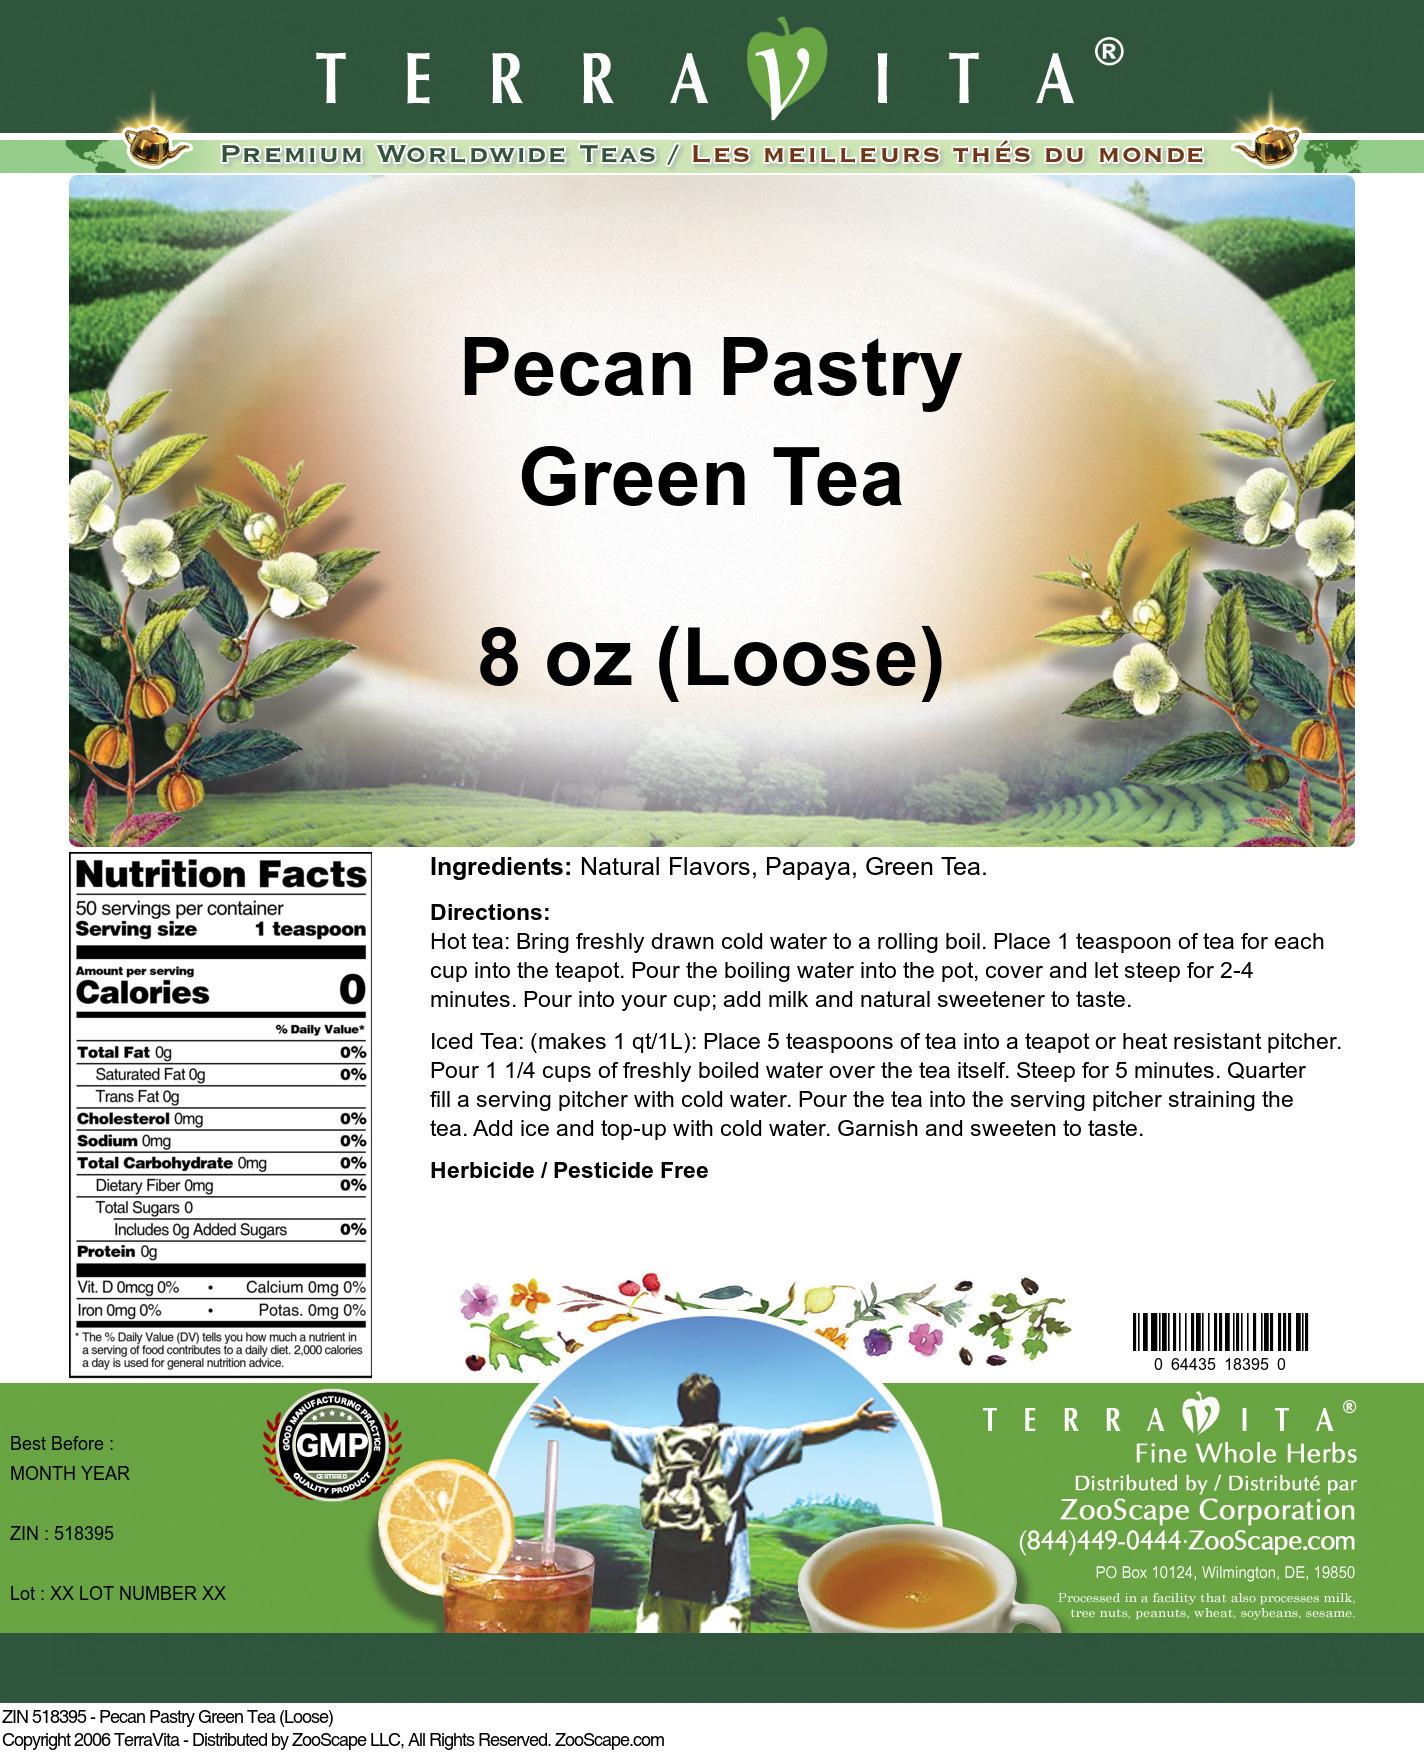 Pecan Pastry Green Tea